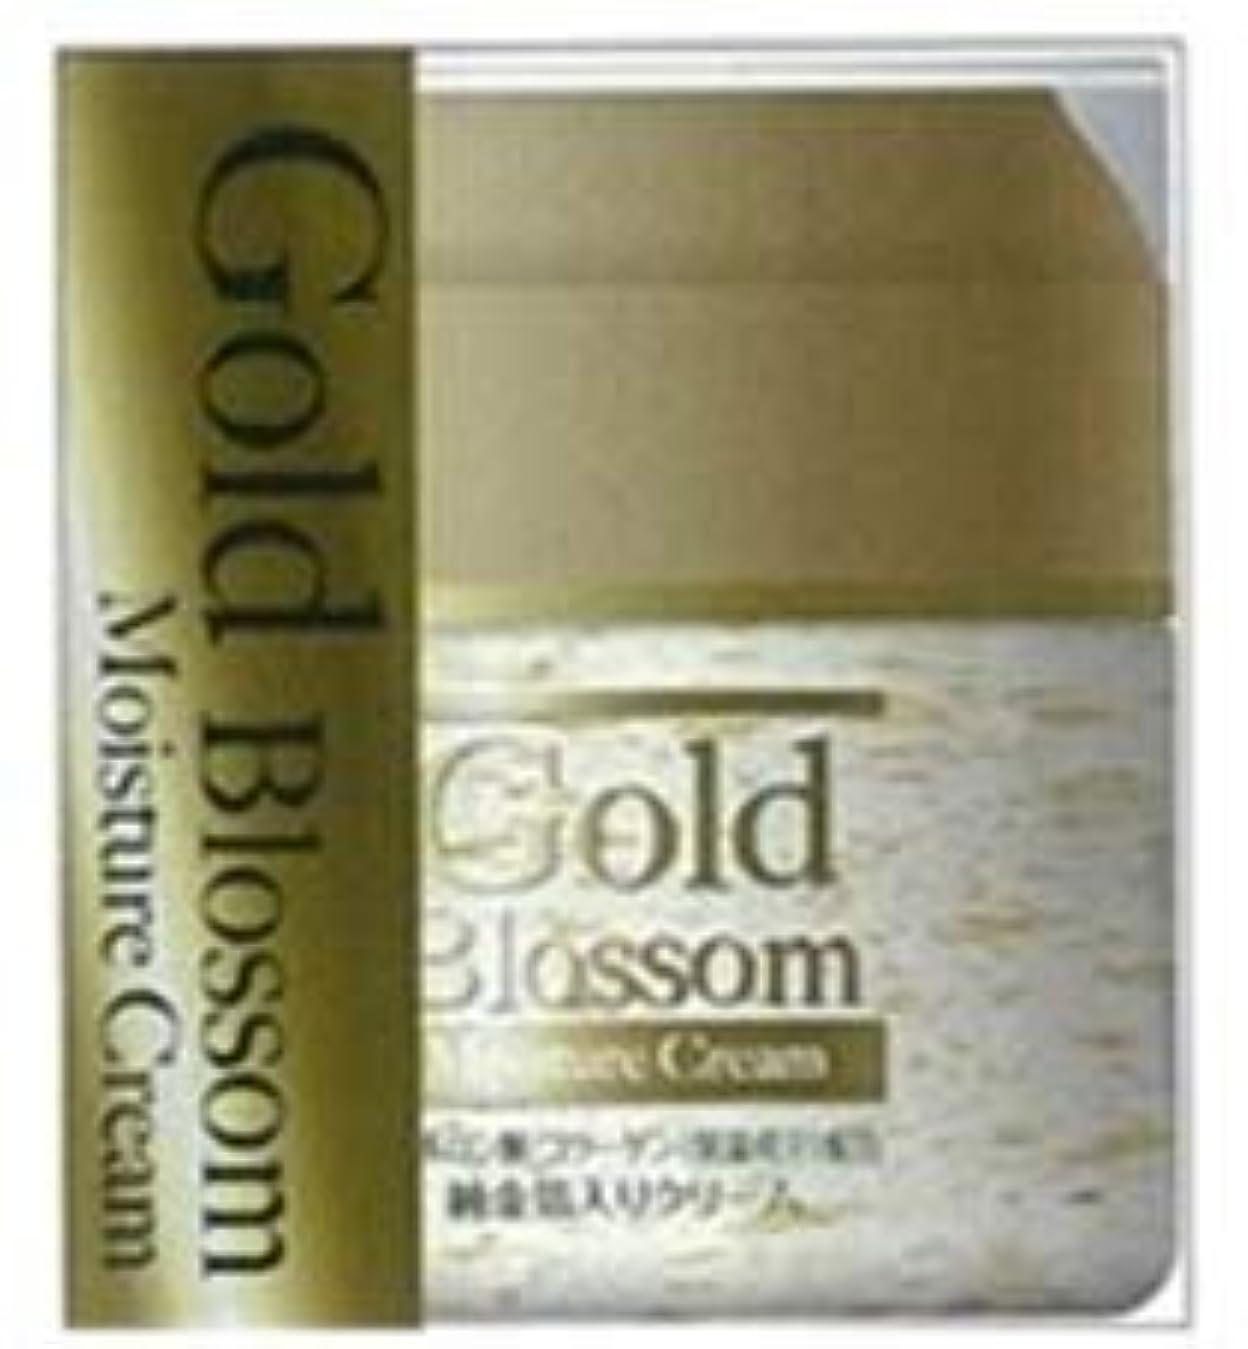 利益熟練したバインドGold Blossom 保湿クリーム